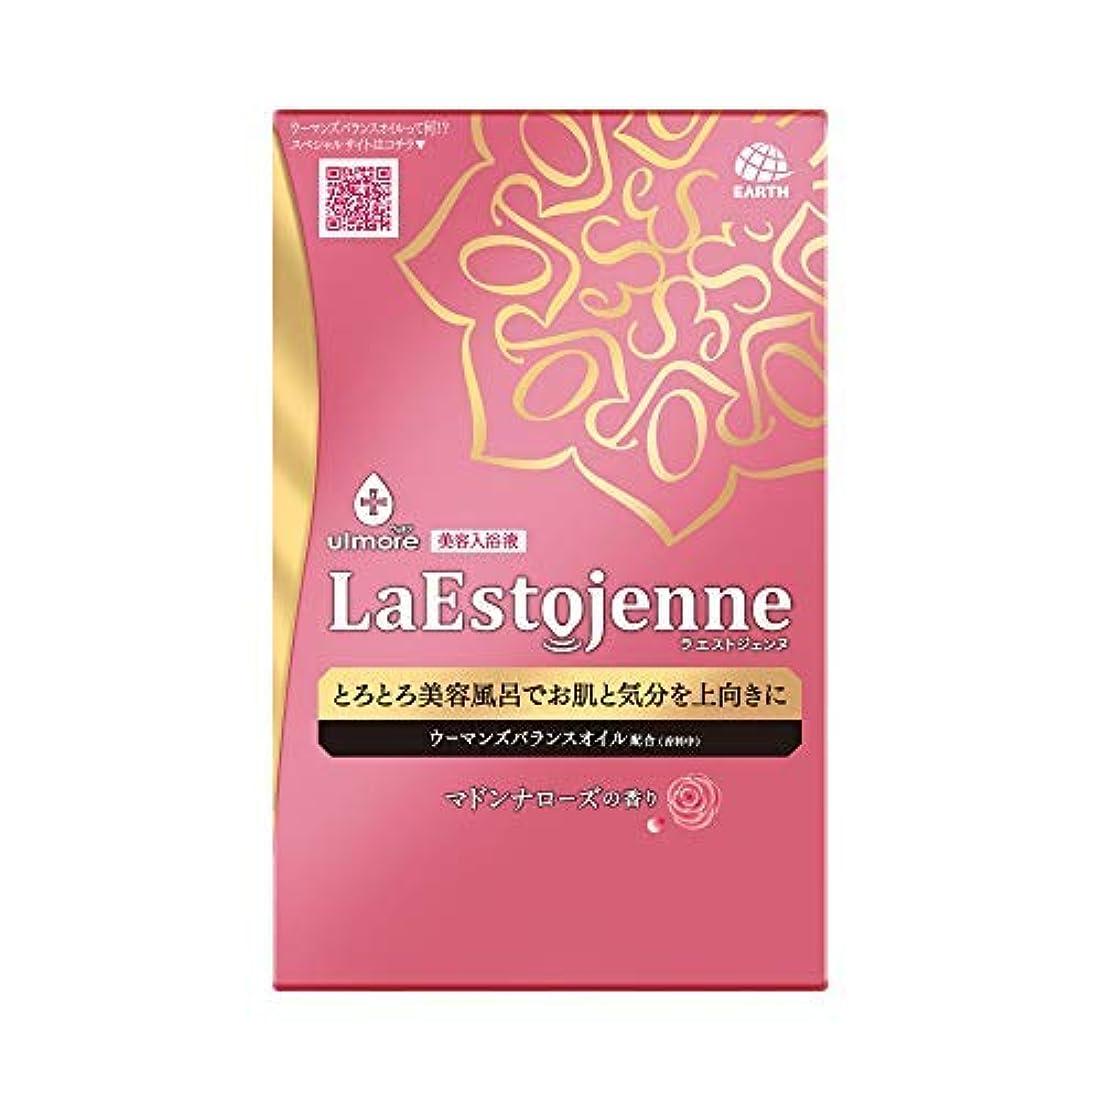 保守的インストール邪魔するウルモア ラエストジェンヌ マドンナローズの香り 3包入り × 6個セット